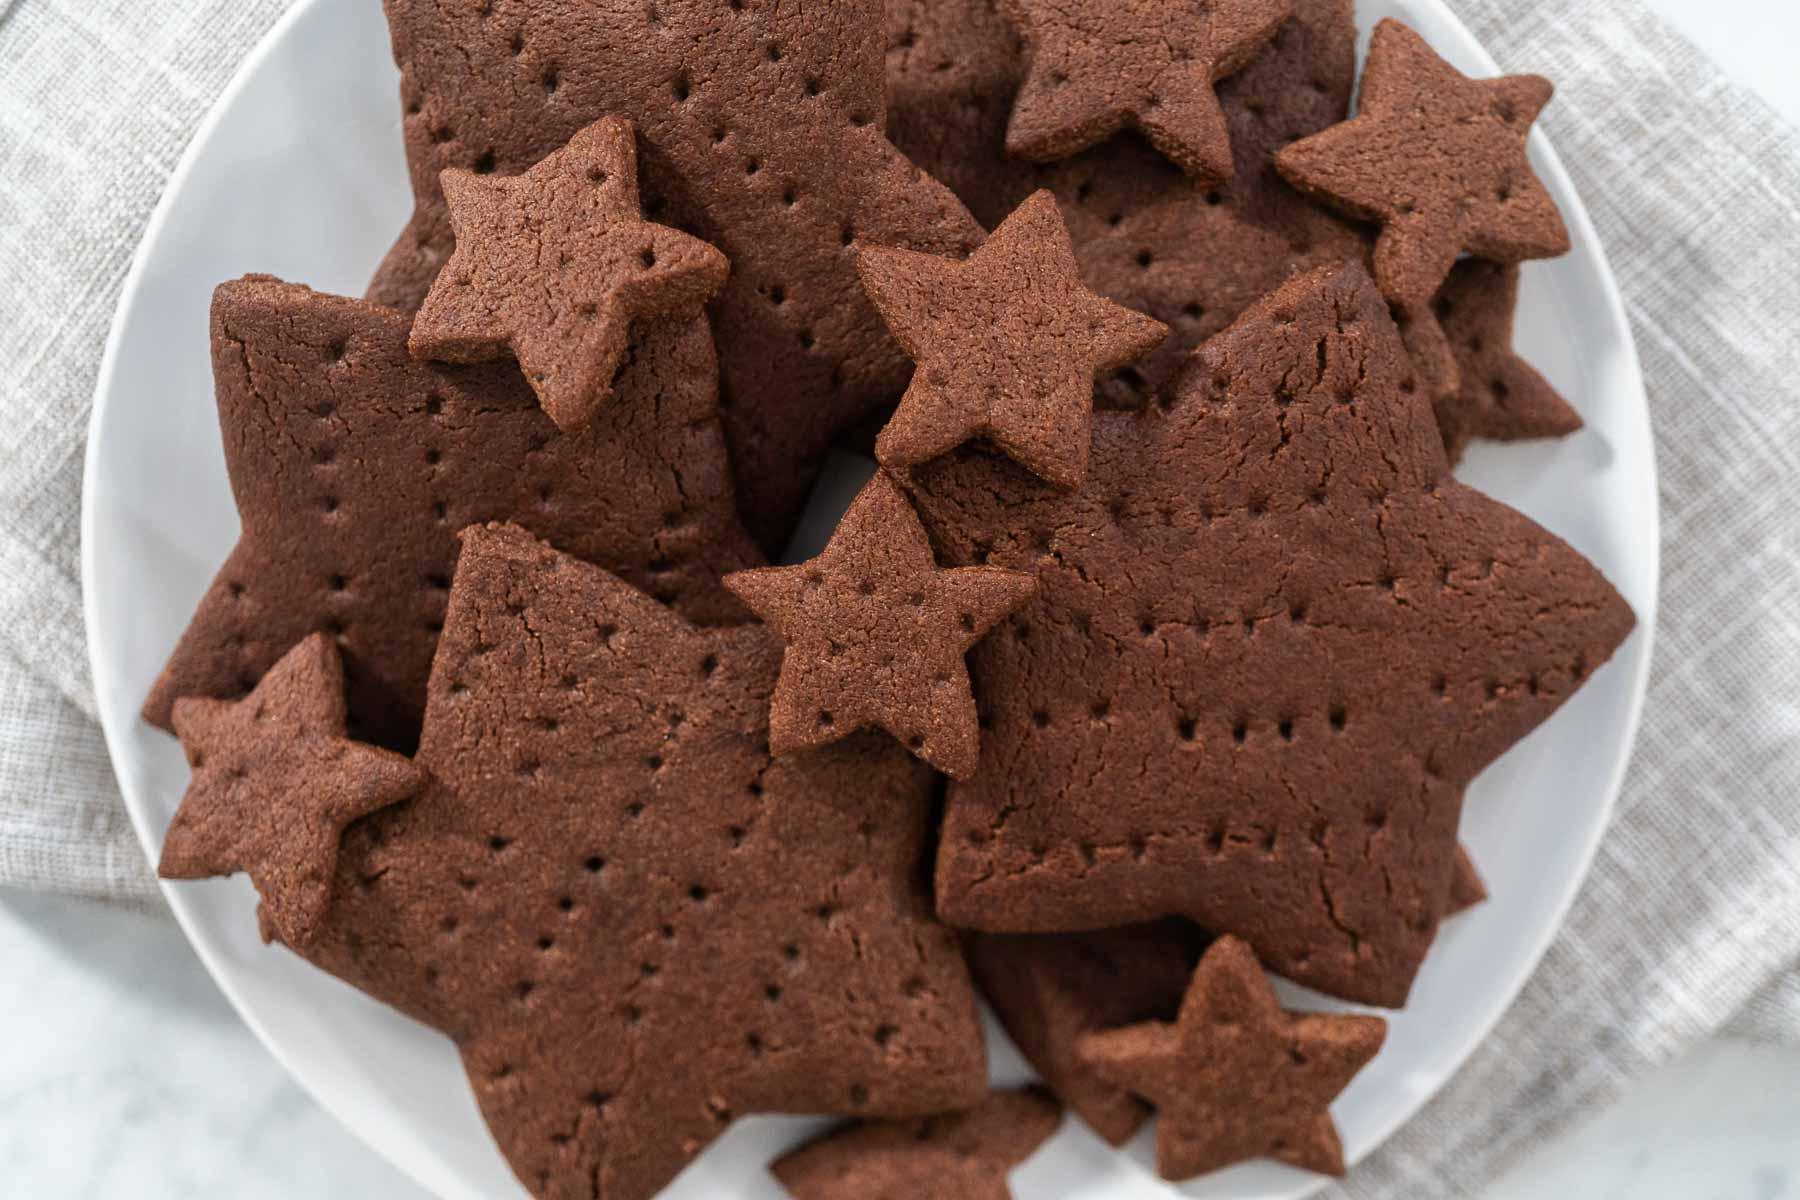 Star-shaped chocolate graham crackers